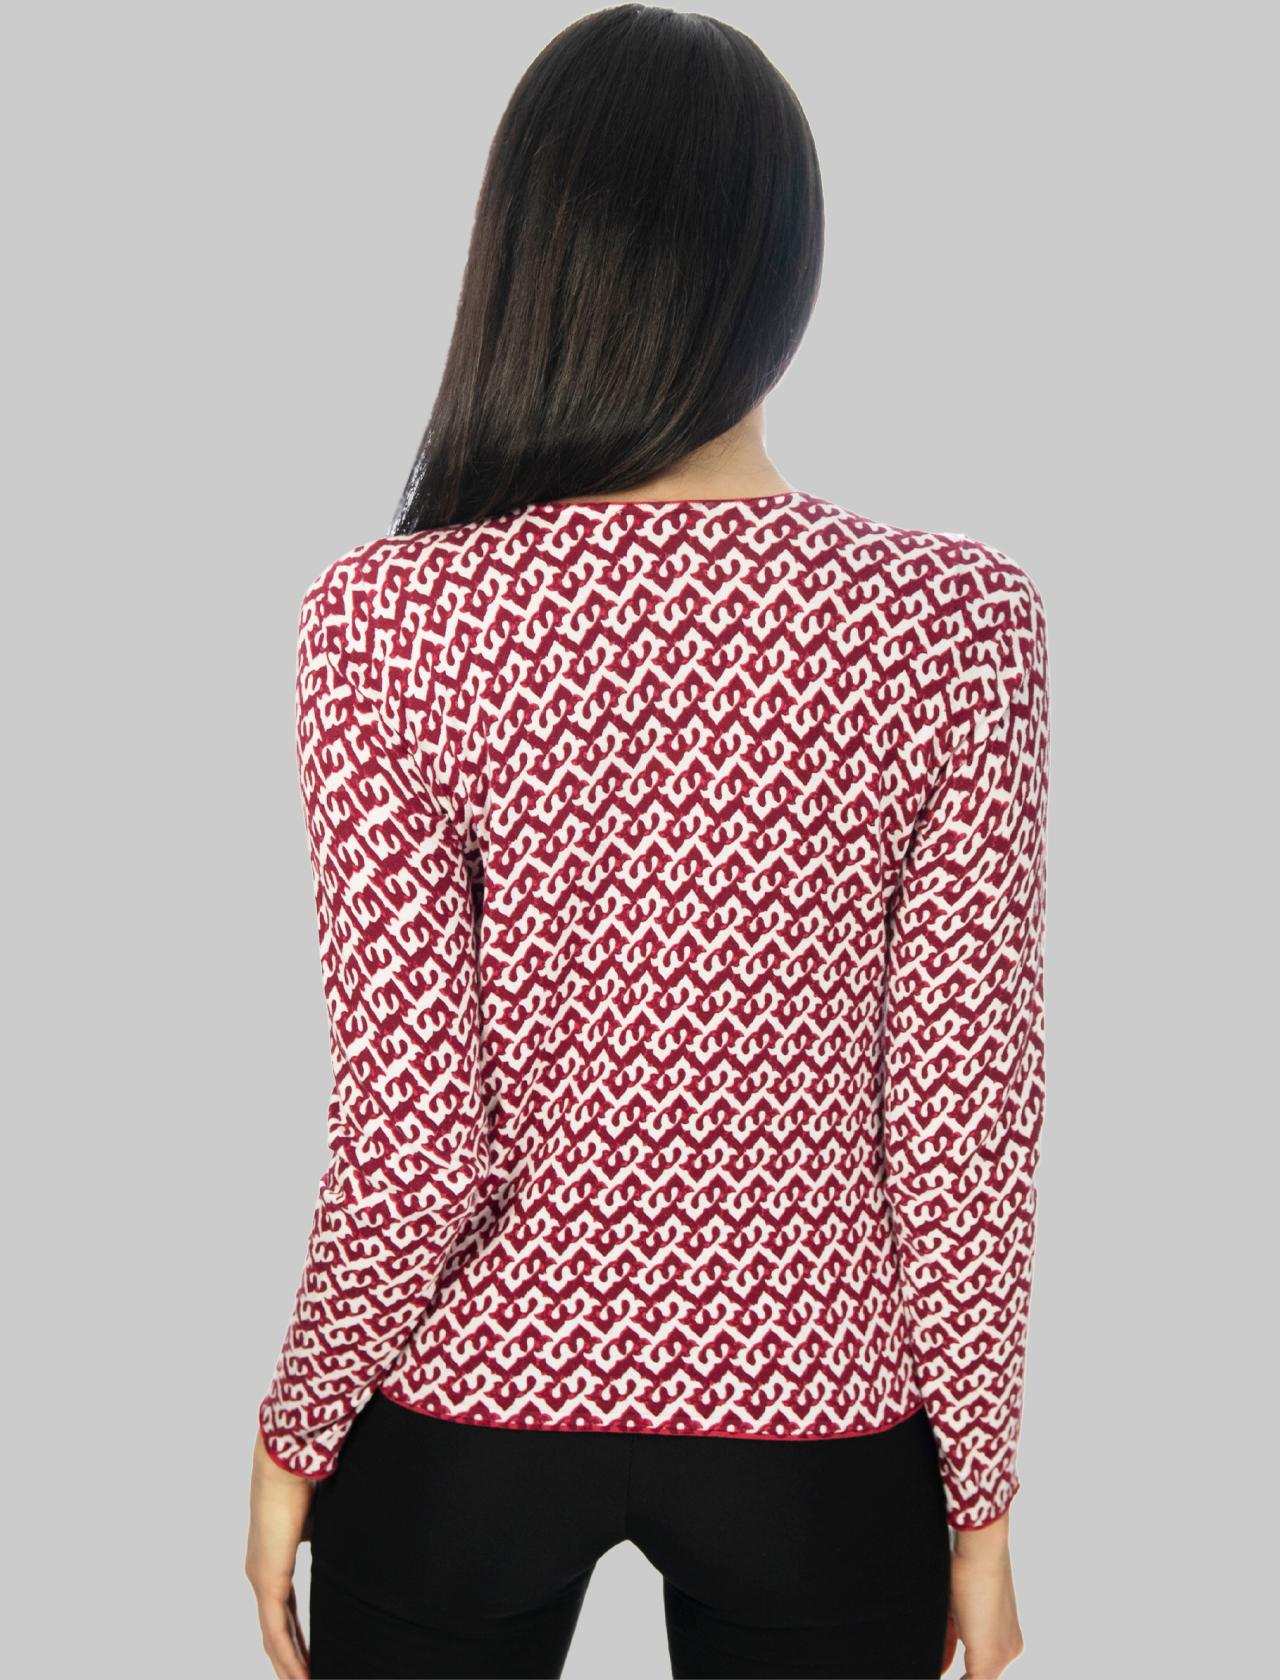 Abbigliamento Donna Cardigan Corto Drop Cotton in Cotone Rosso e Bianco Maliparmi | Maglieria | JN356670501A3091